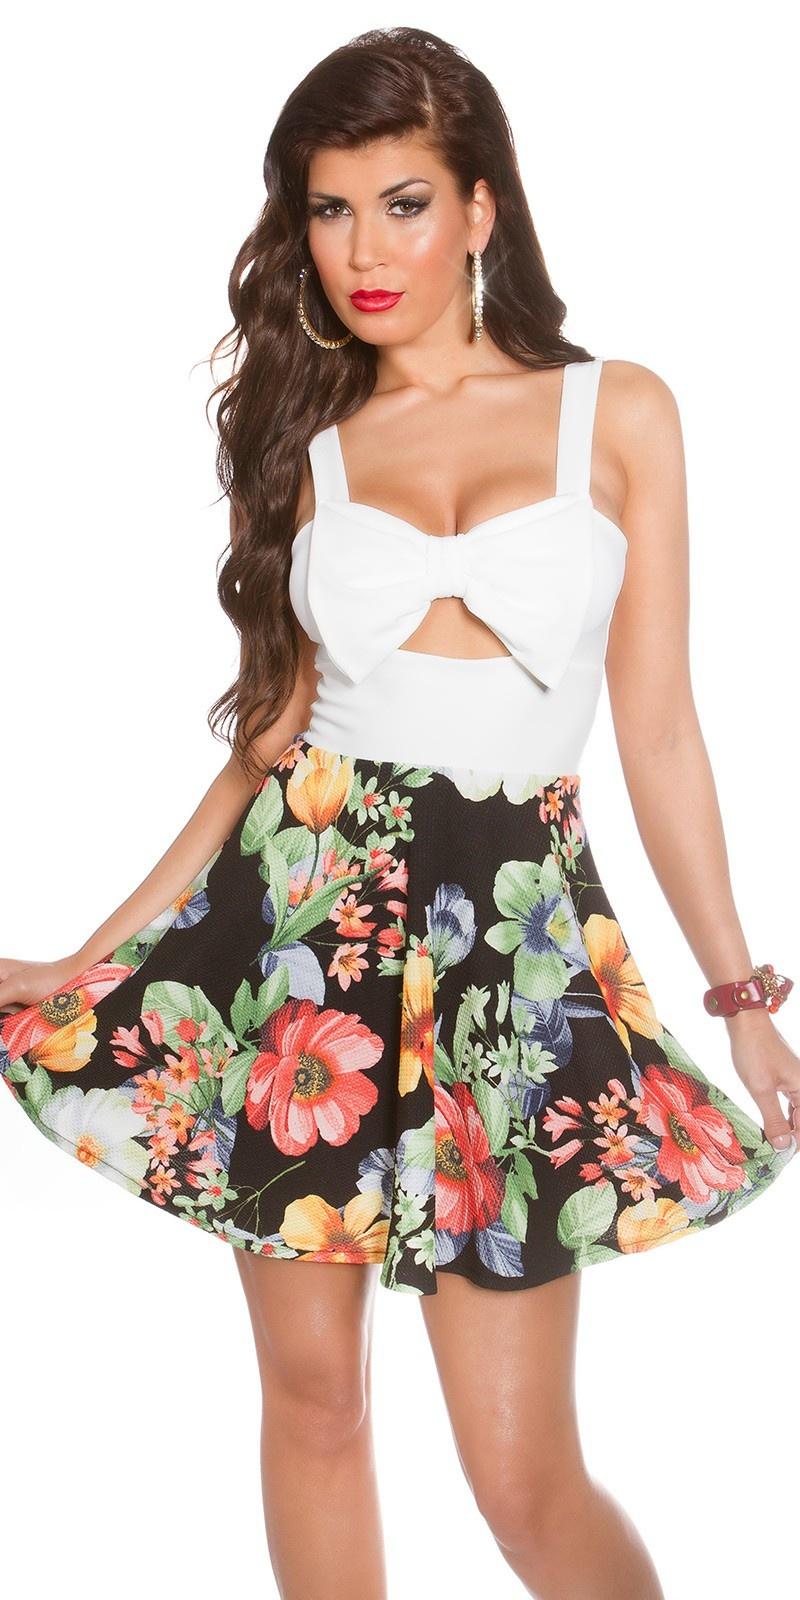 Sexy zomerjurk met uitsparingen & bloemen-print wit